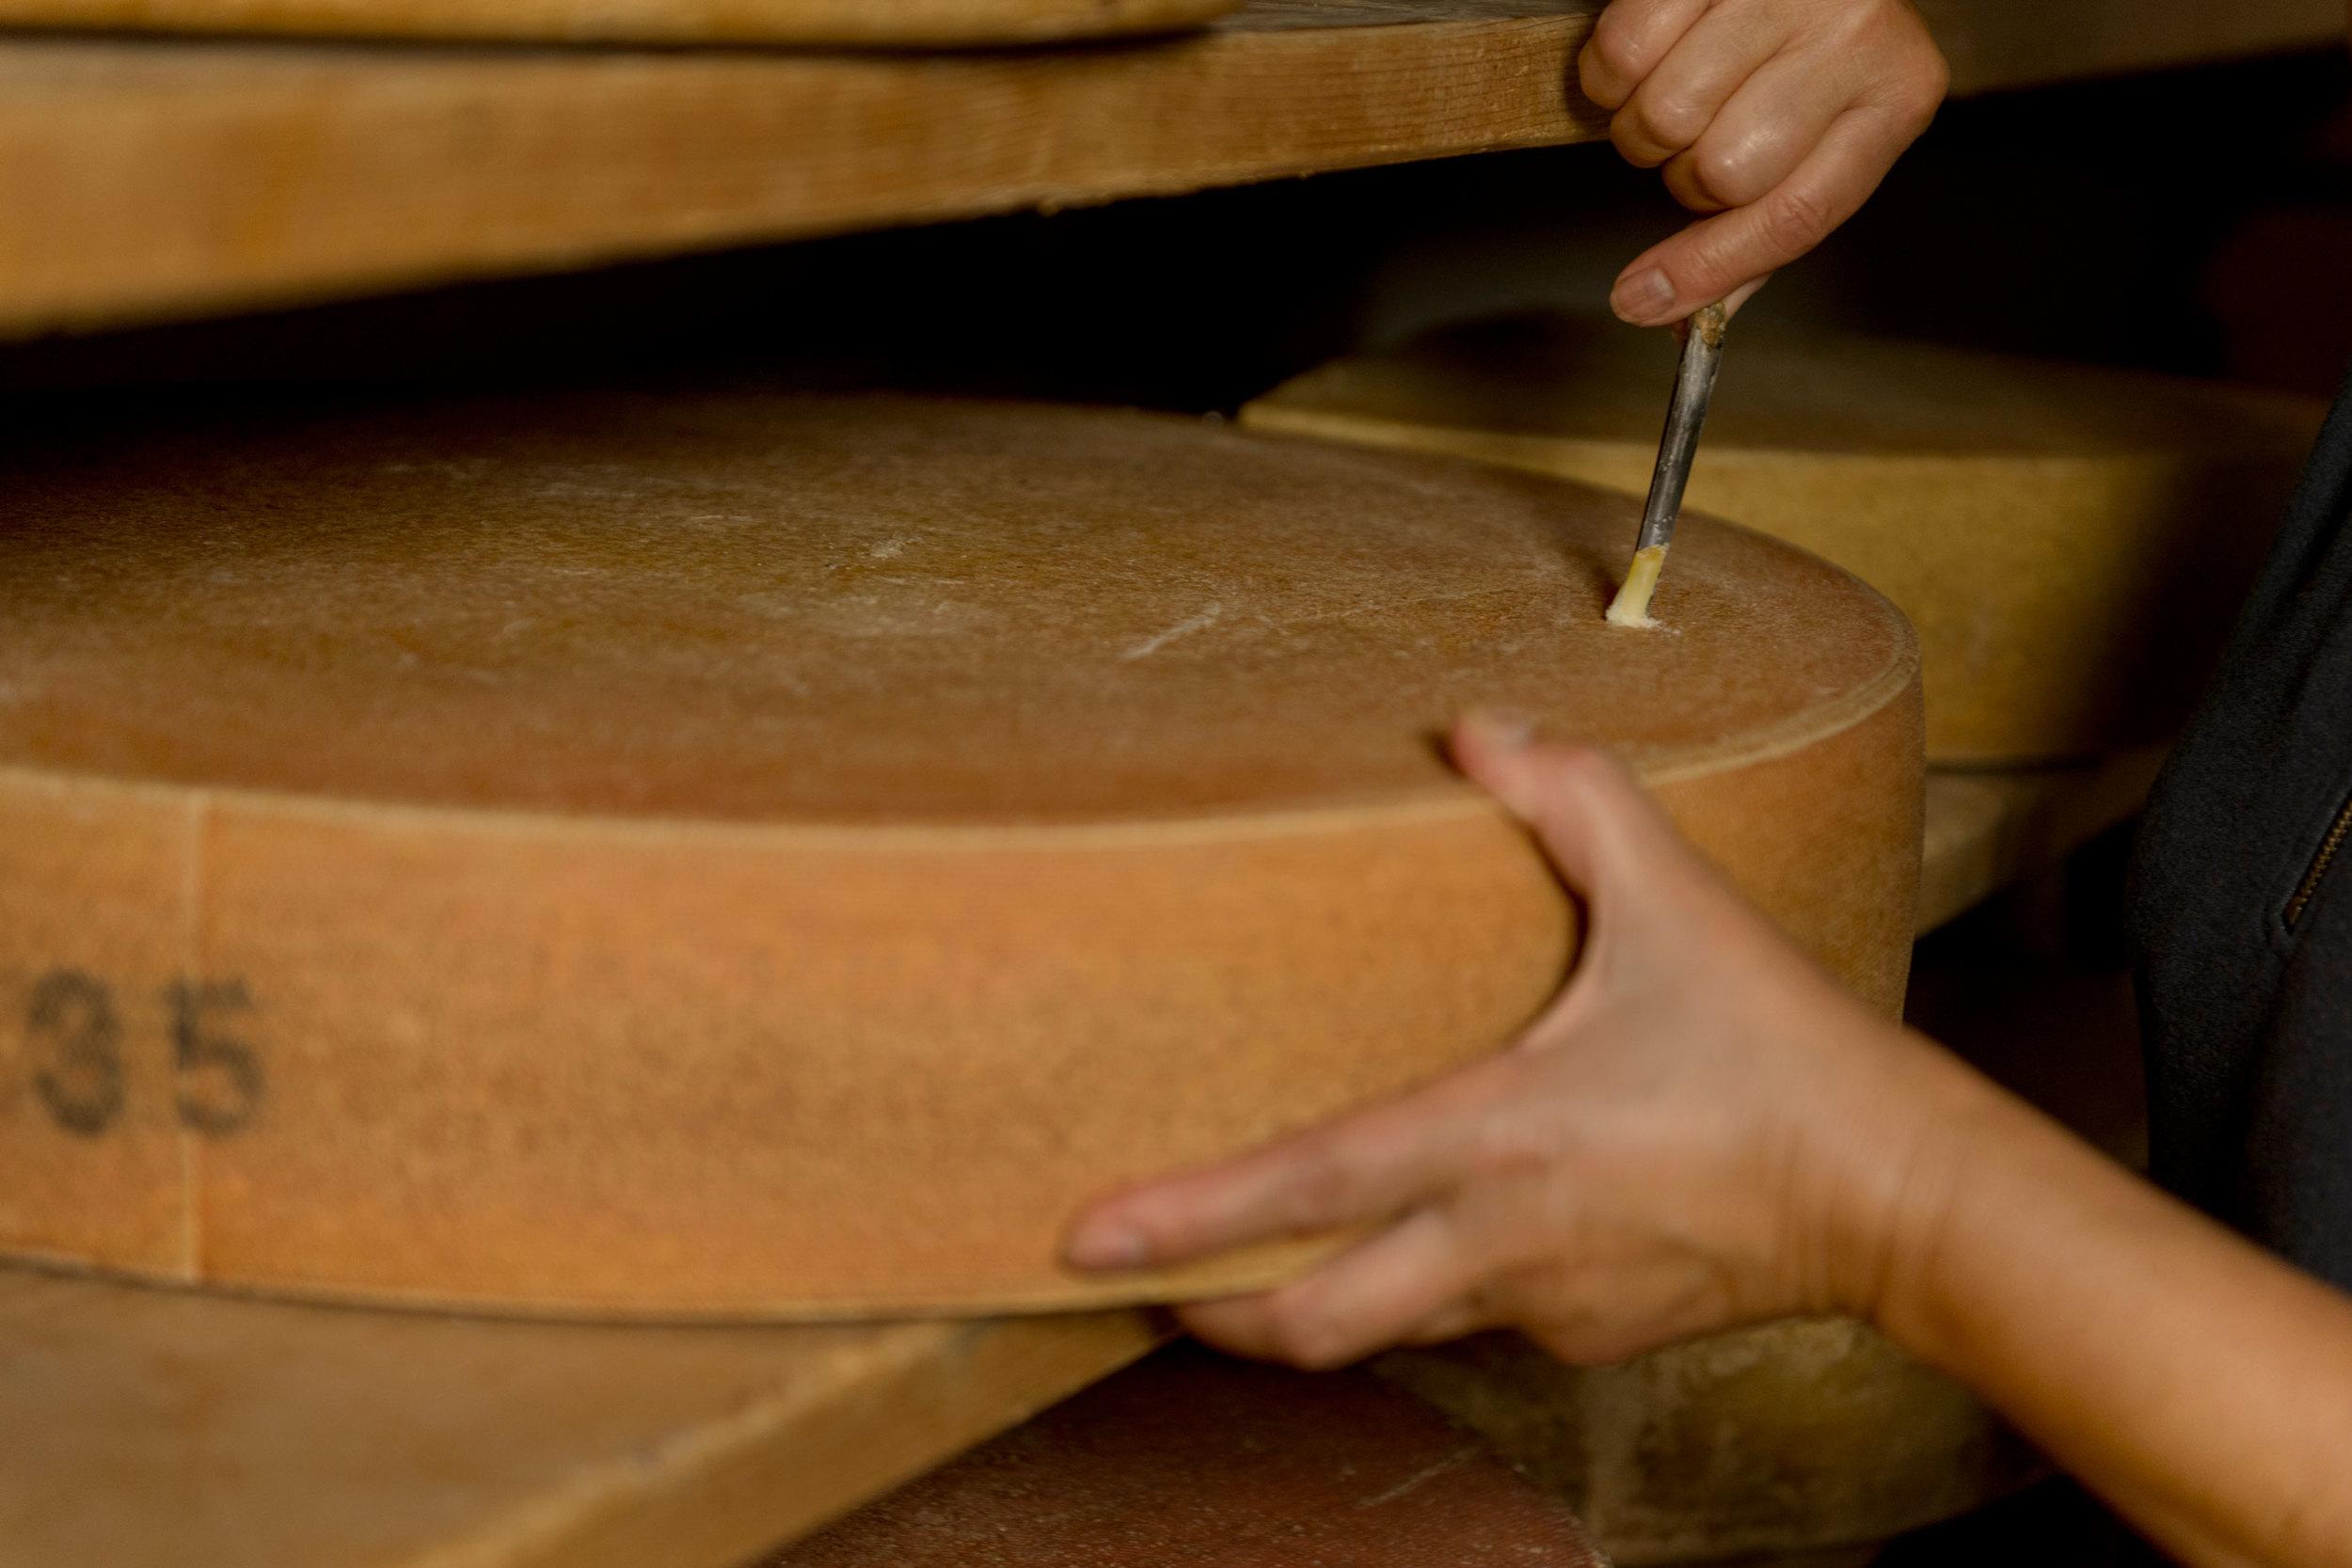 Ein ca. 30kg schwerer Käselaib wird für eine Kostprobe angebohrt.